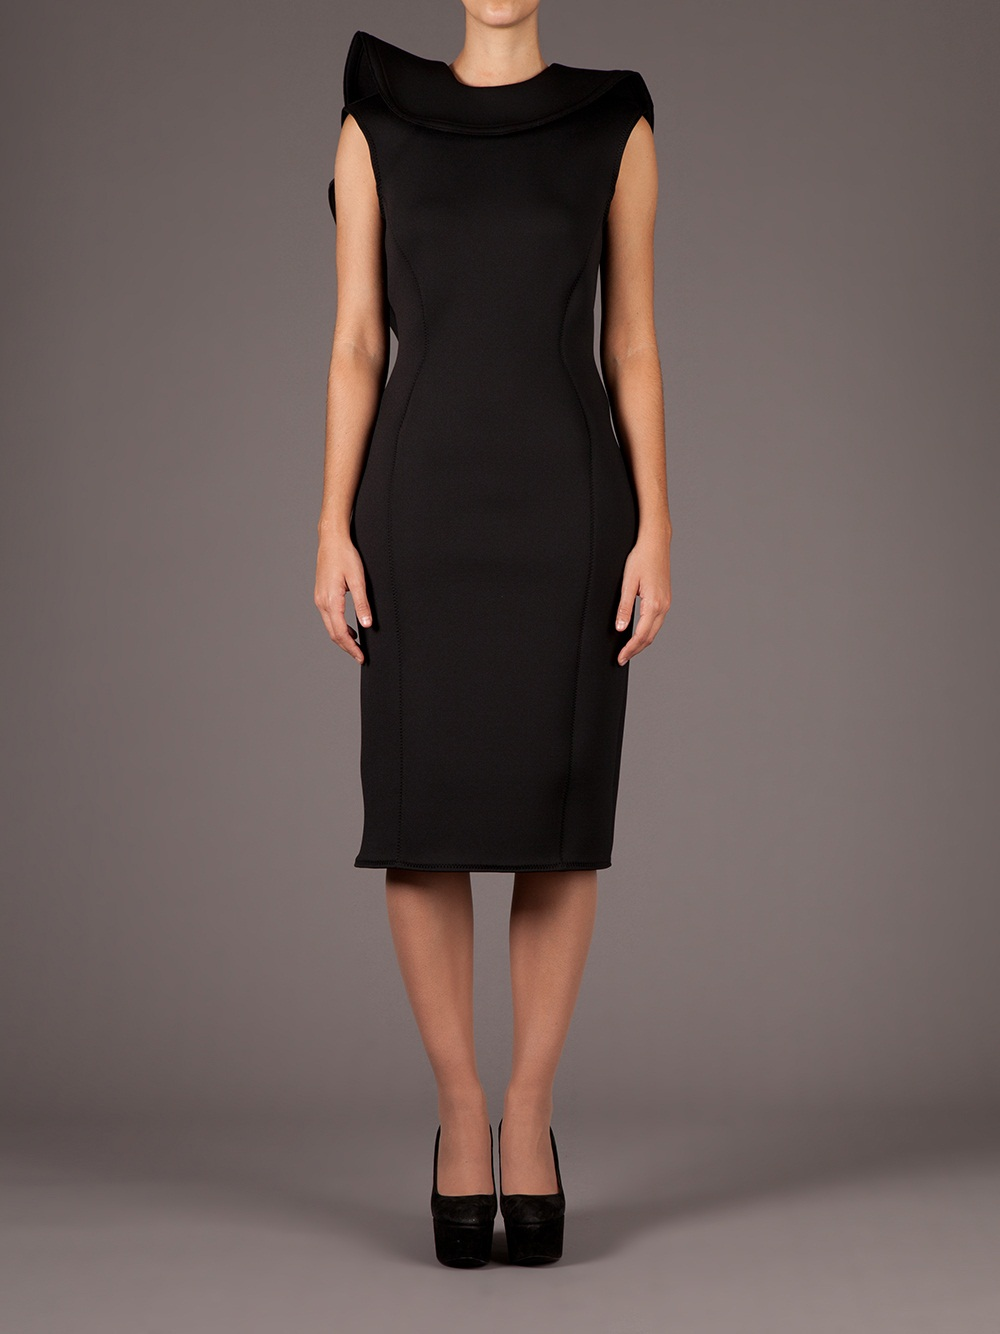 Lyst Lanvin Asymmetrical Dress In Black